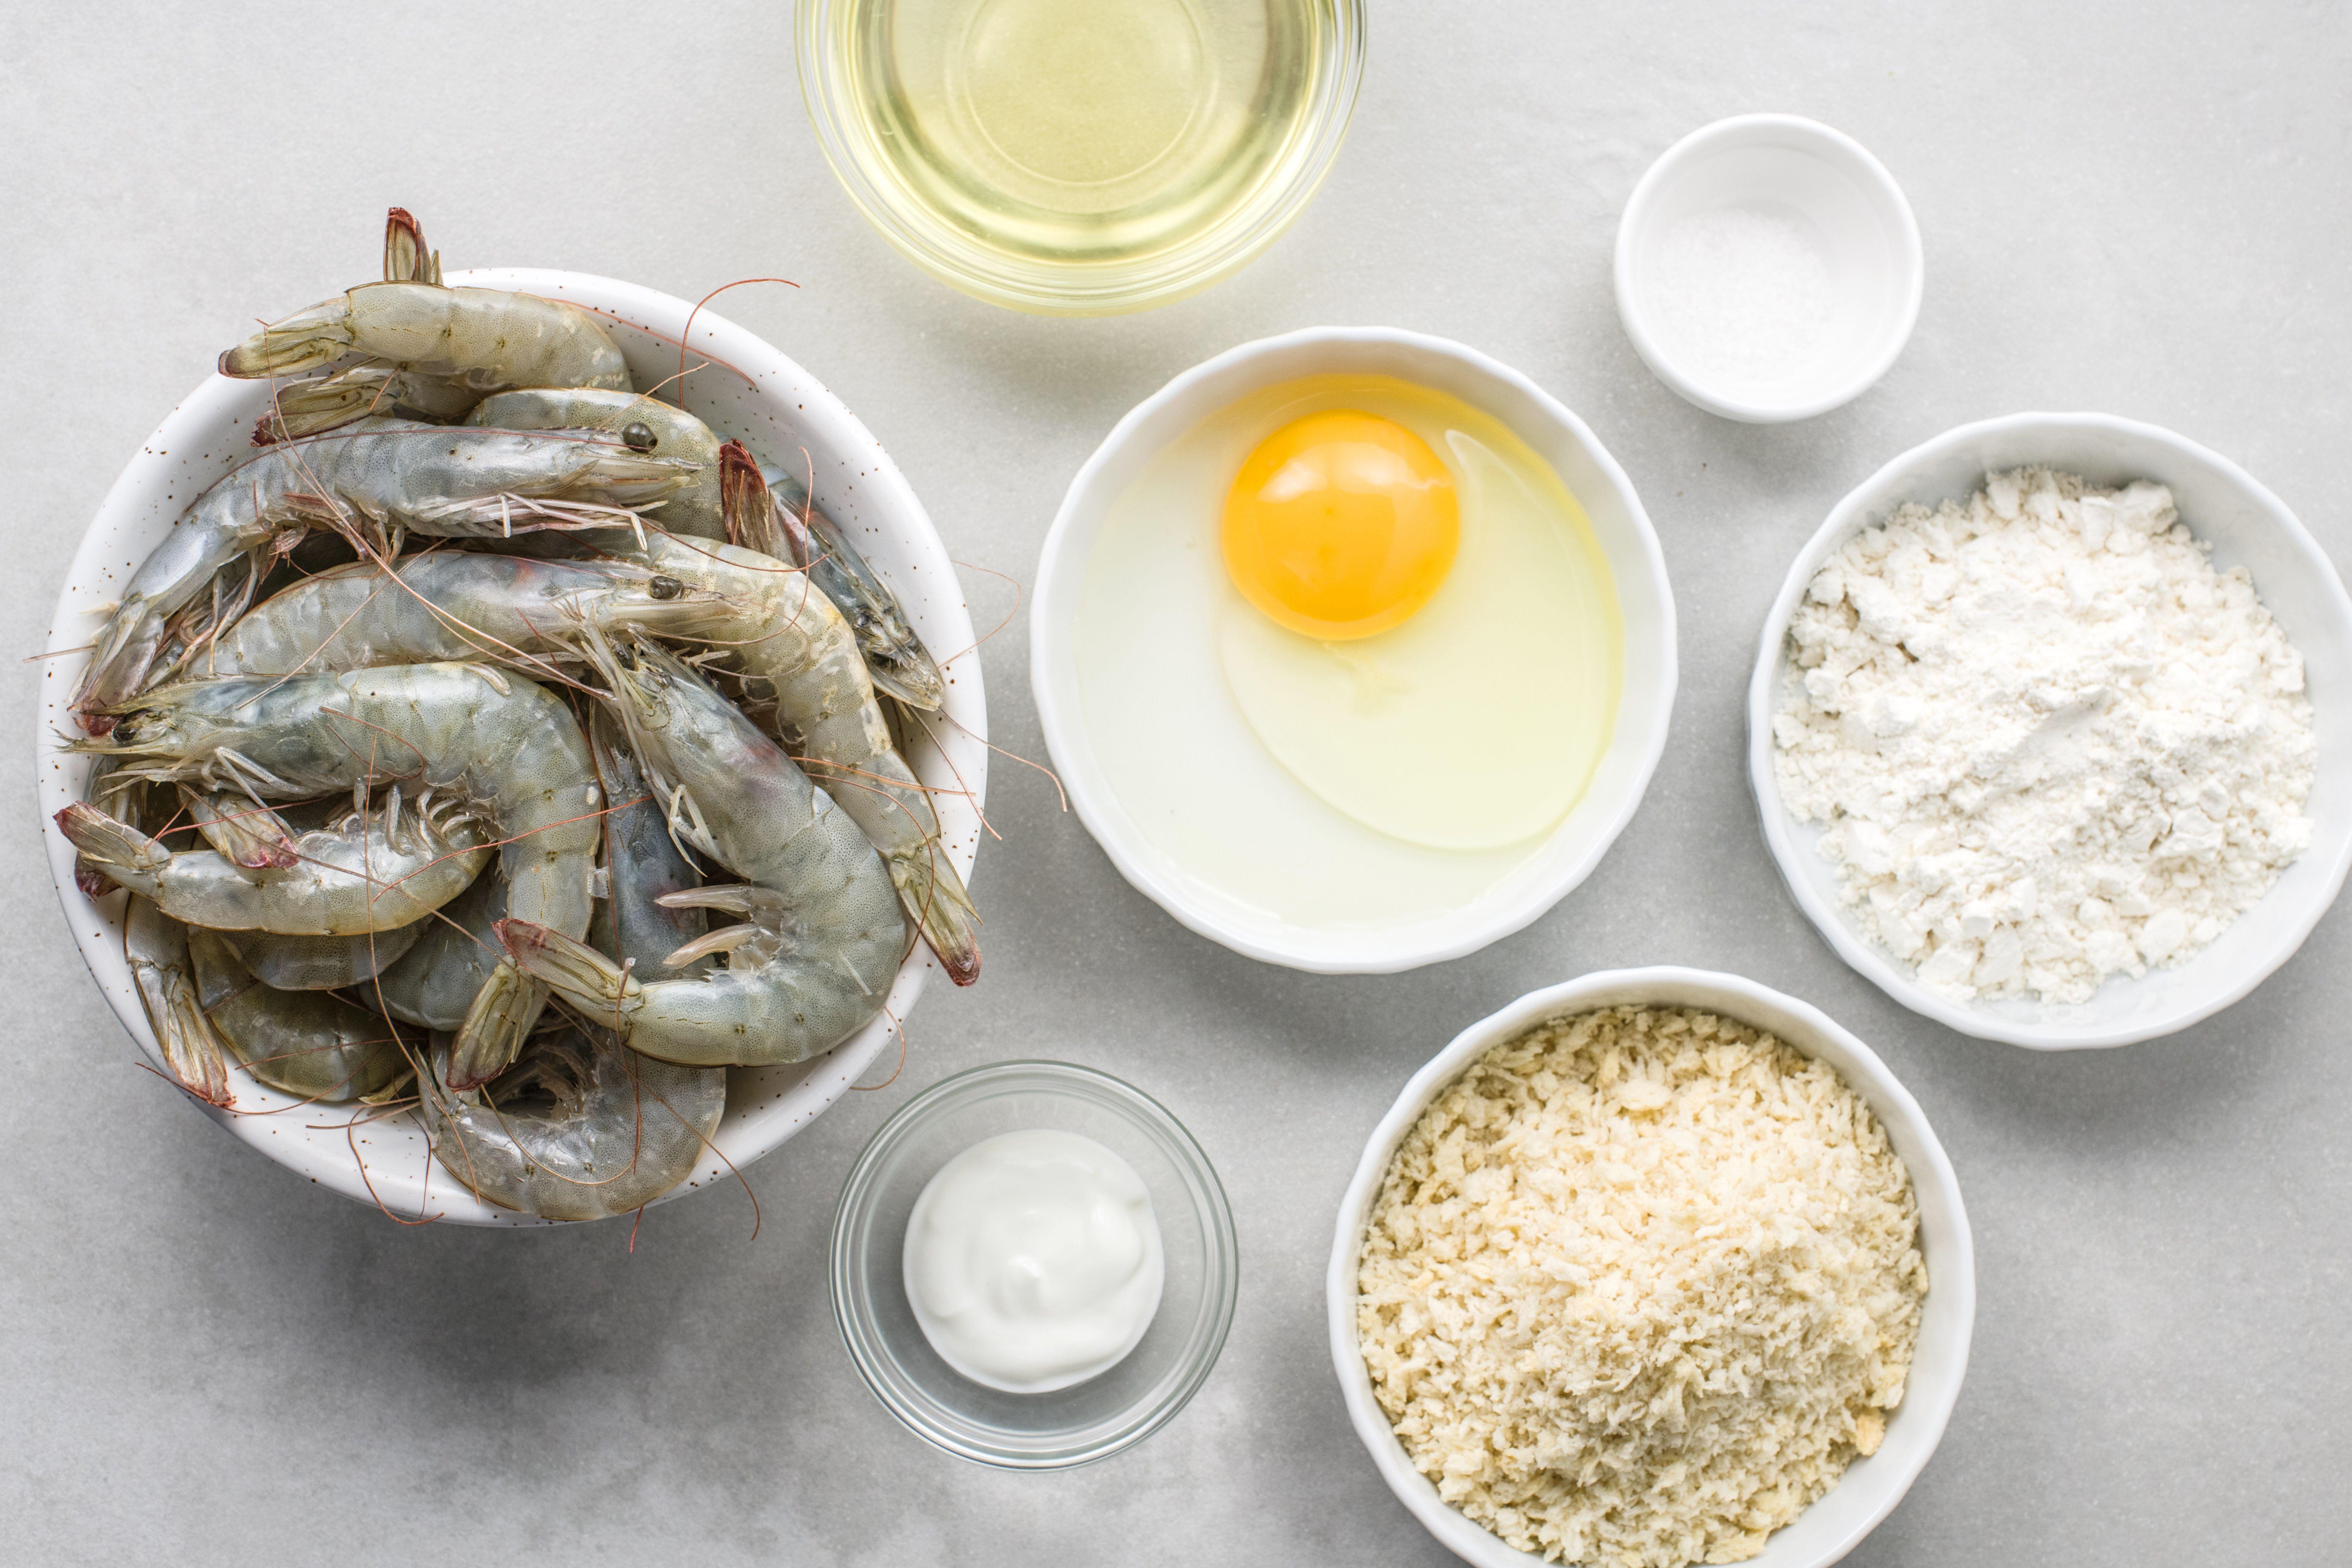 Panko-Fried Shrimp Recipe ingredients